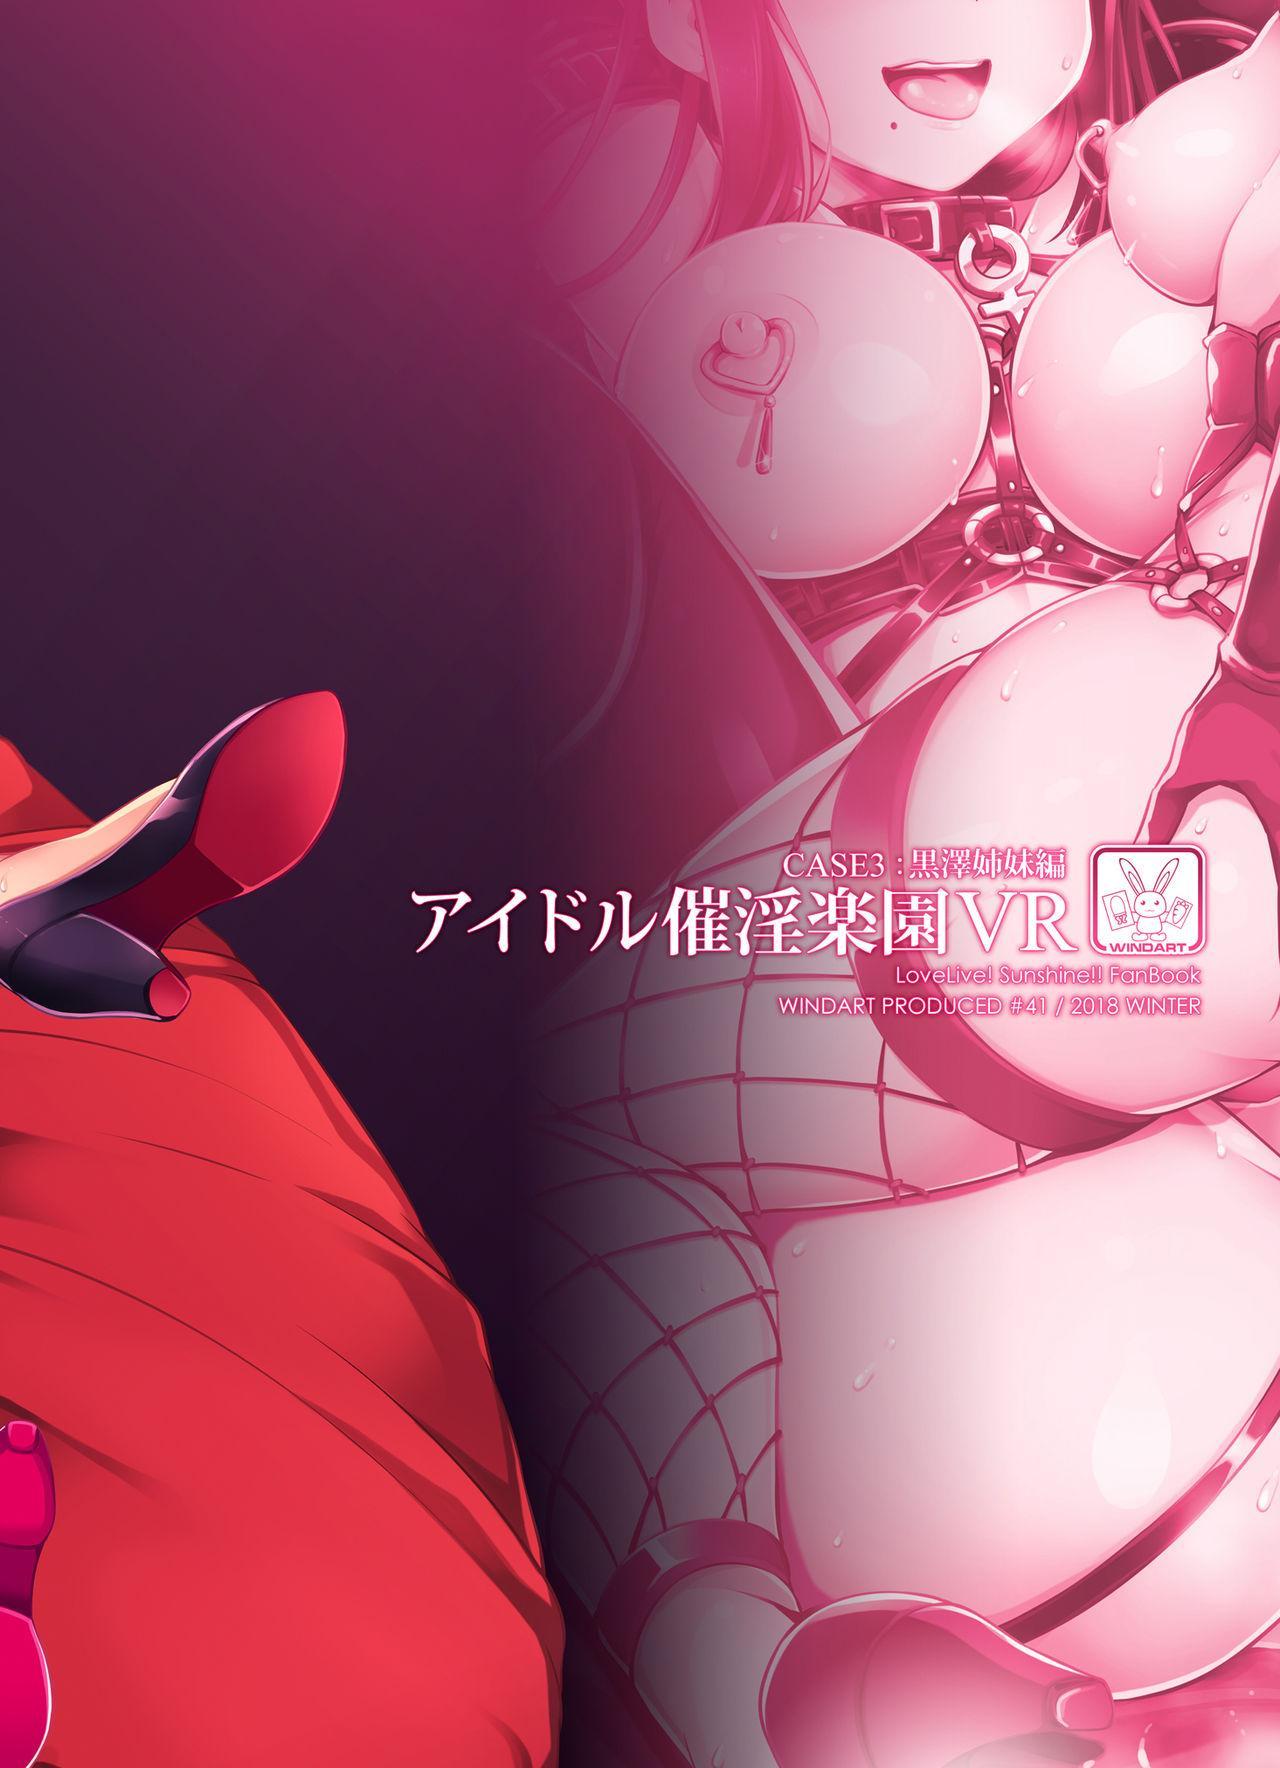 Idol Saiin Rakuen VR CASE3 Kurosawa Shimai 29